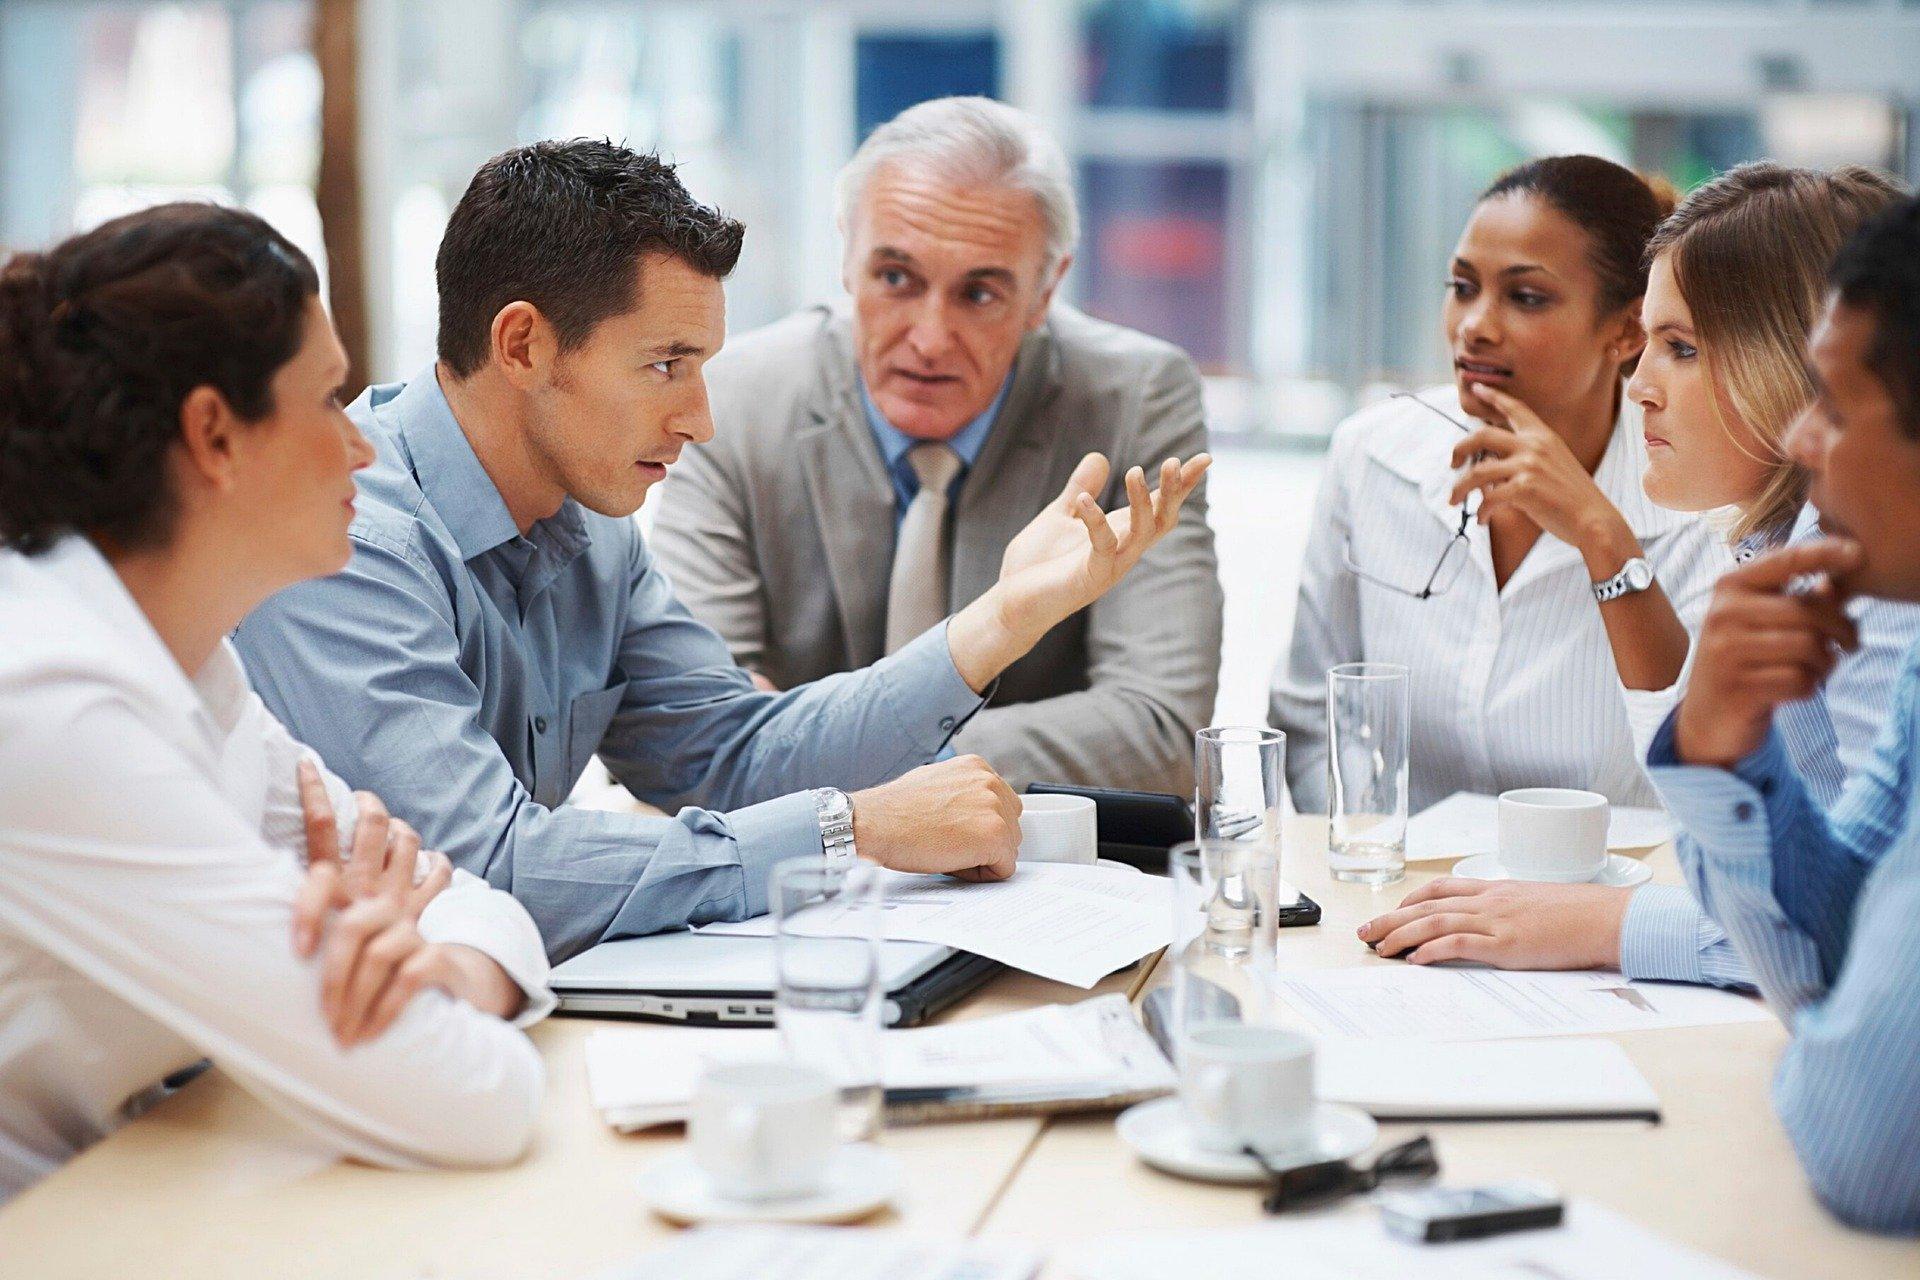 就活のグループワークを勝ち抜く6つの対策!人事の評価視点や例テーマも紹介!